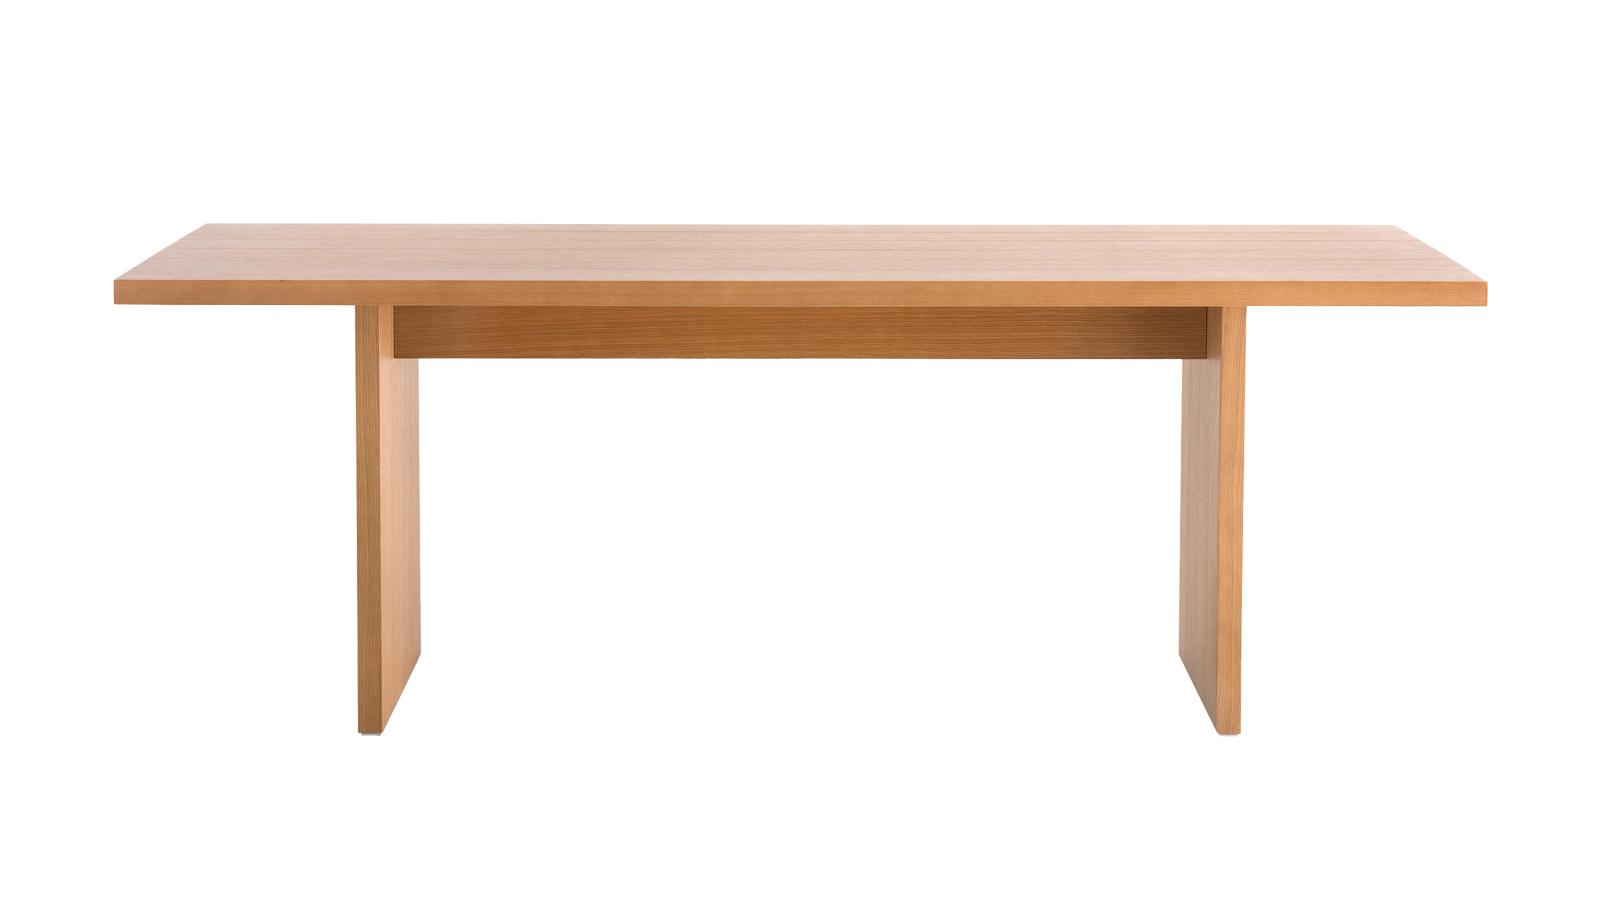 Az Arclinea különálló darabja, a Panca, az asztal tárgyi lényegét ragadja meg: egyetlen elemet sem szerepeltet a bútor, amely csak a vizuális ingereket szolgálná ki, minden eleme tisztán funkcionális. A két lábra és egy támlára redukált asztal nem hordoz semmiféle díszelemet, vagy tervezői bravúrt: paradox módon a maga visszafogottságával hívja fel magára a figyelmet.